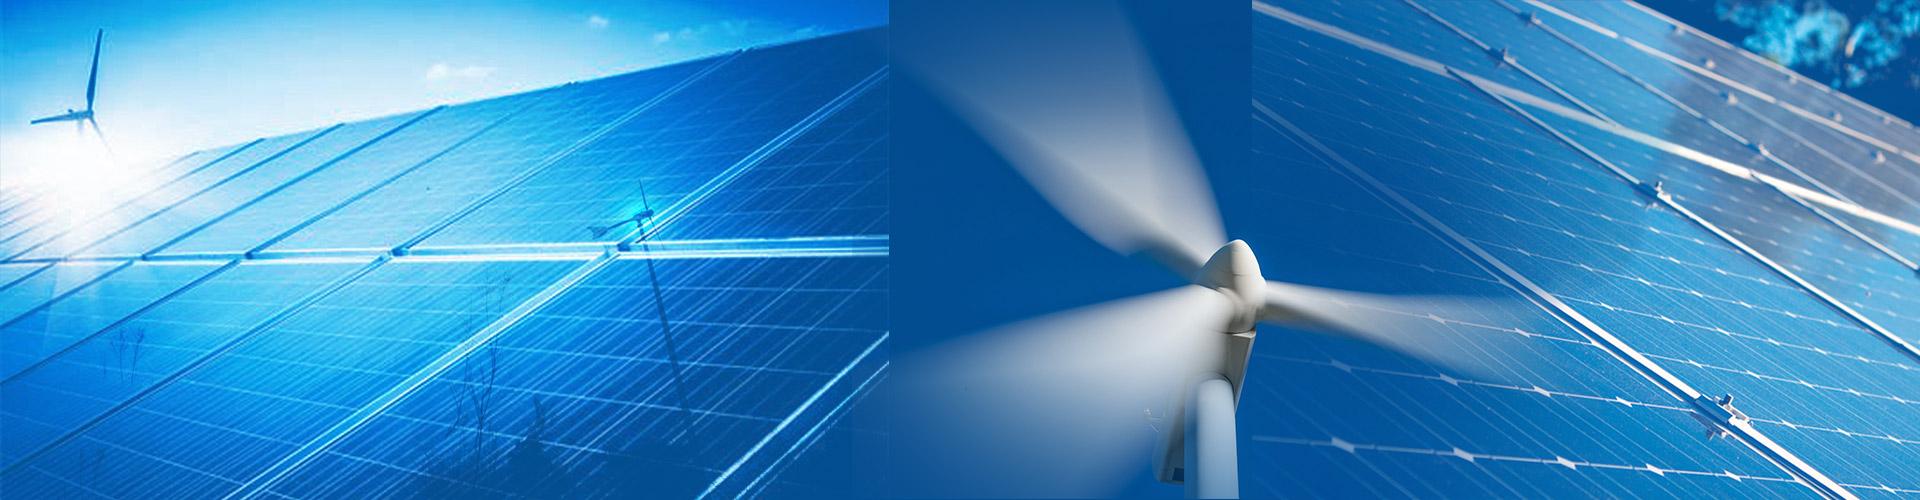 home energie renouvelable - Éolienne ENAIR 200 L - Éolienne ENAIR 200 L